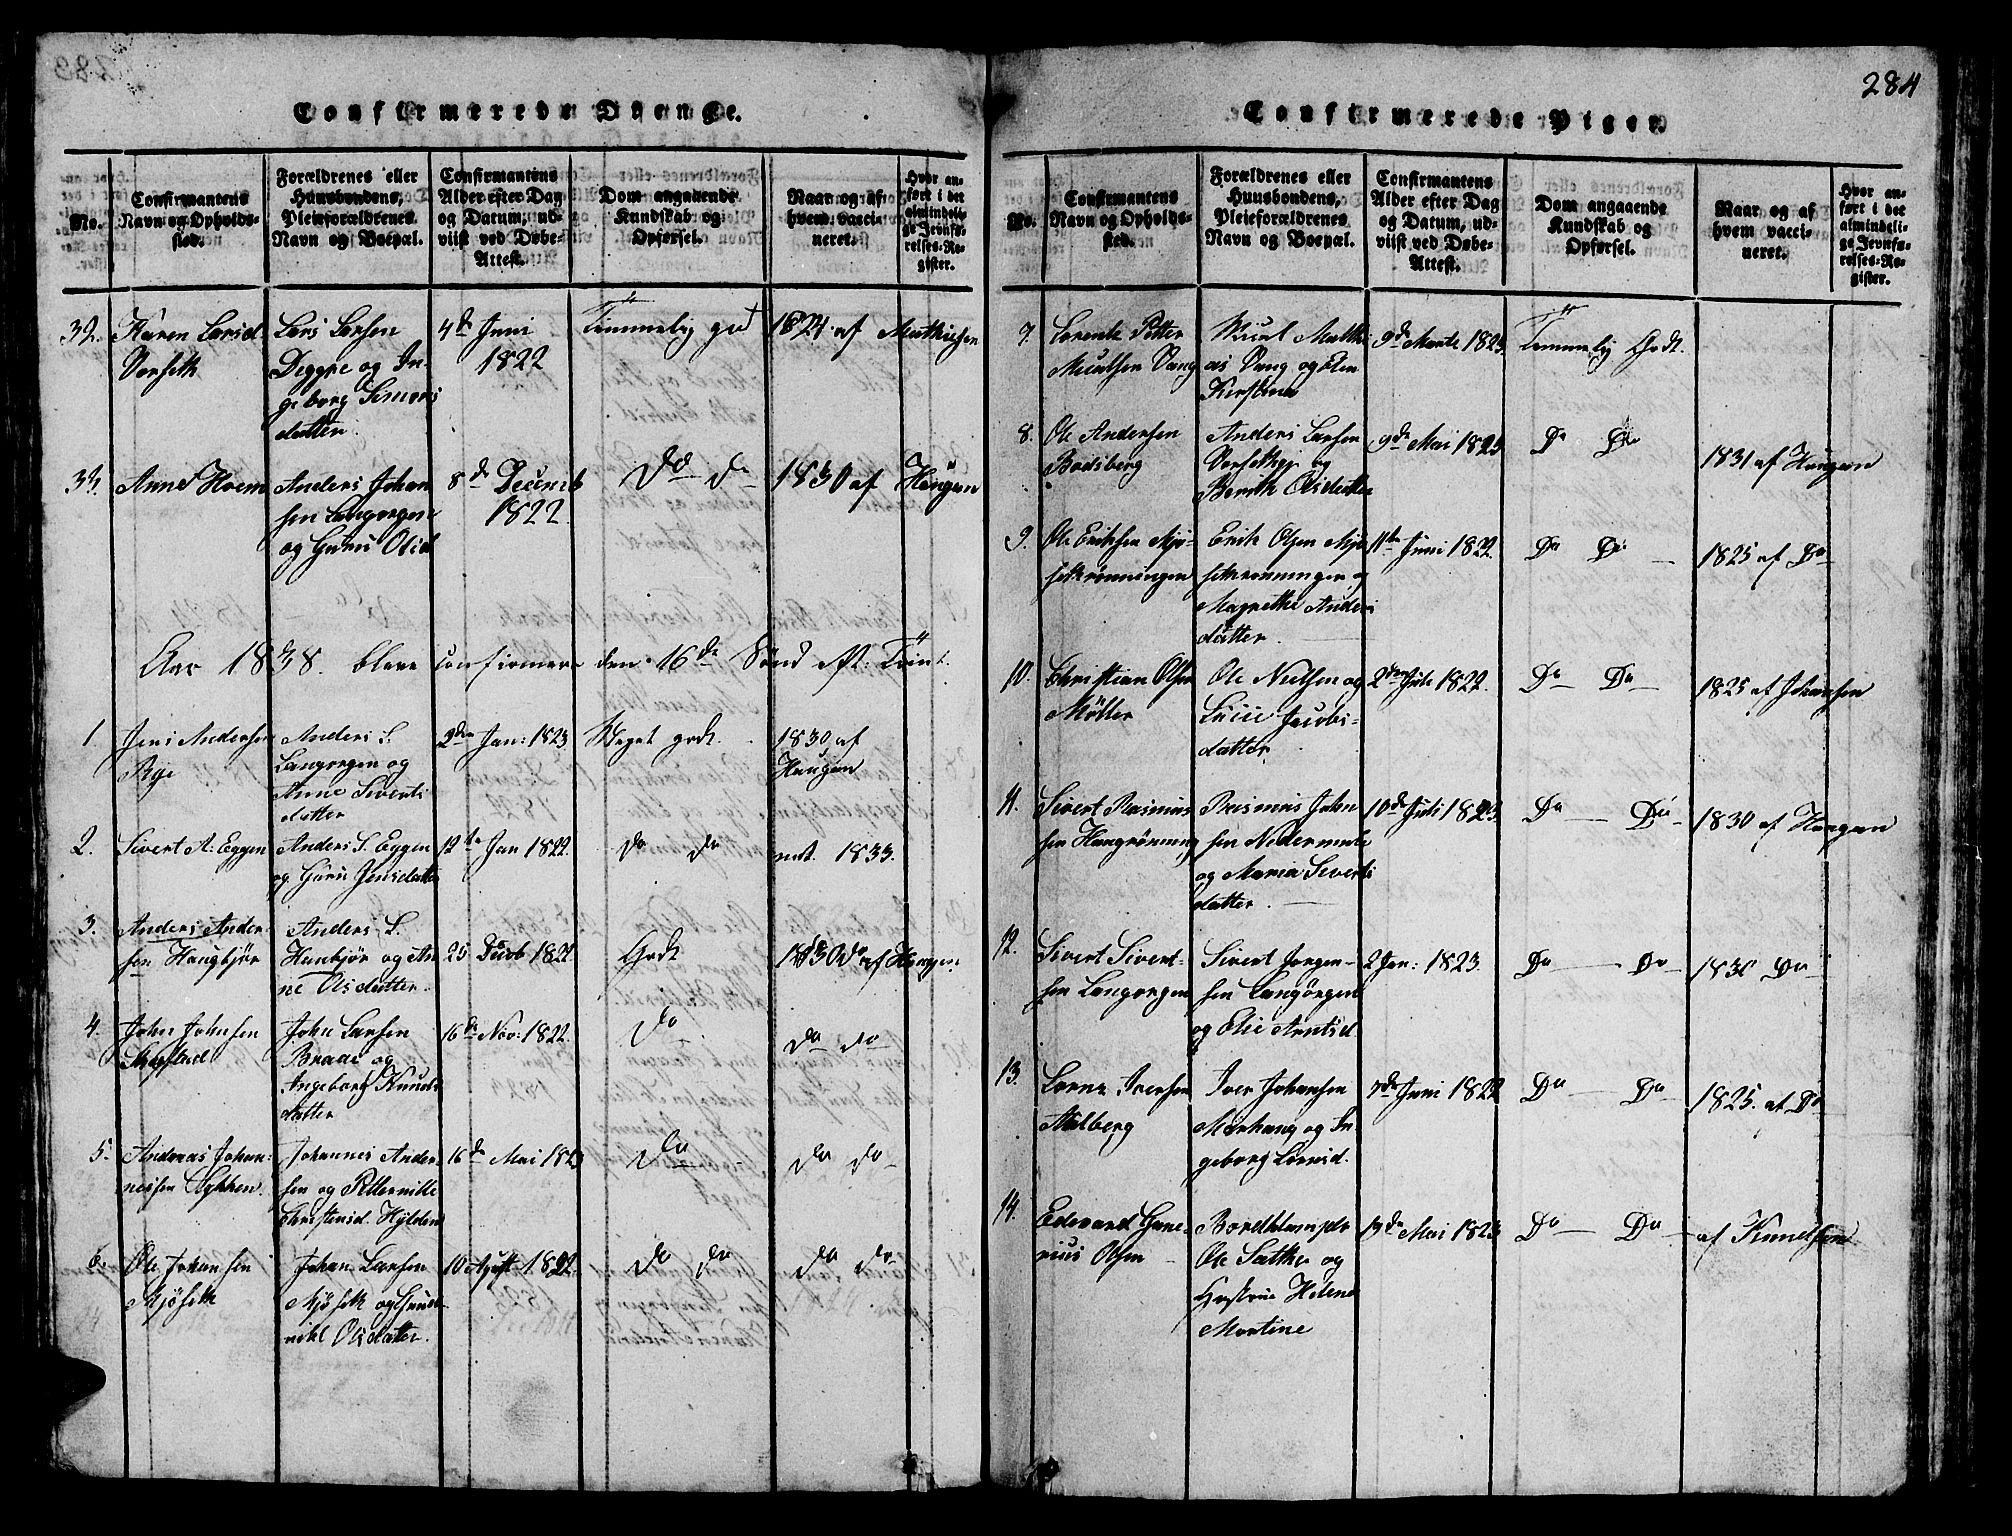 SAT, Ministerialprotokoller, klokkerbøker og fødselsregistre - Sør-Trøndelag, 612/L0385: Klokkerbok nr. 612C01, 1816-1845, s. 284